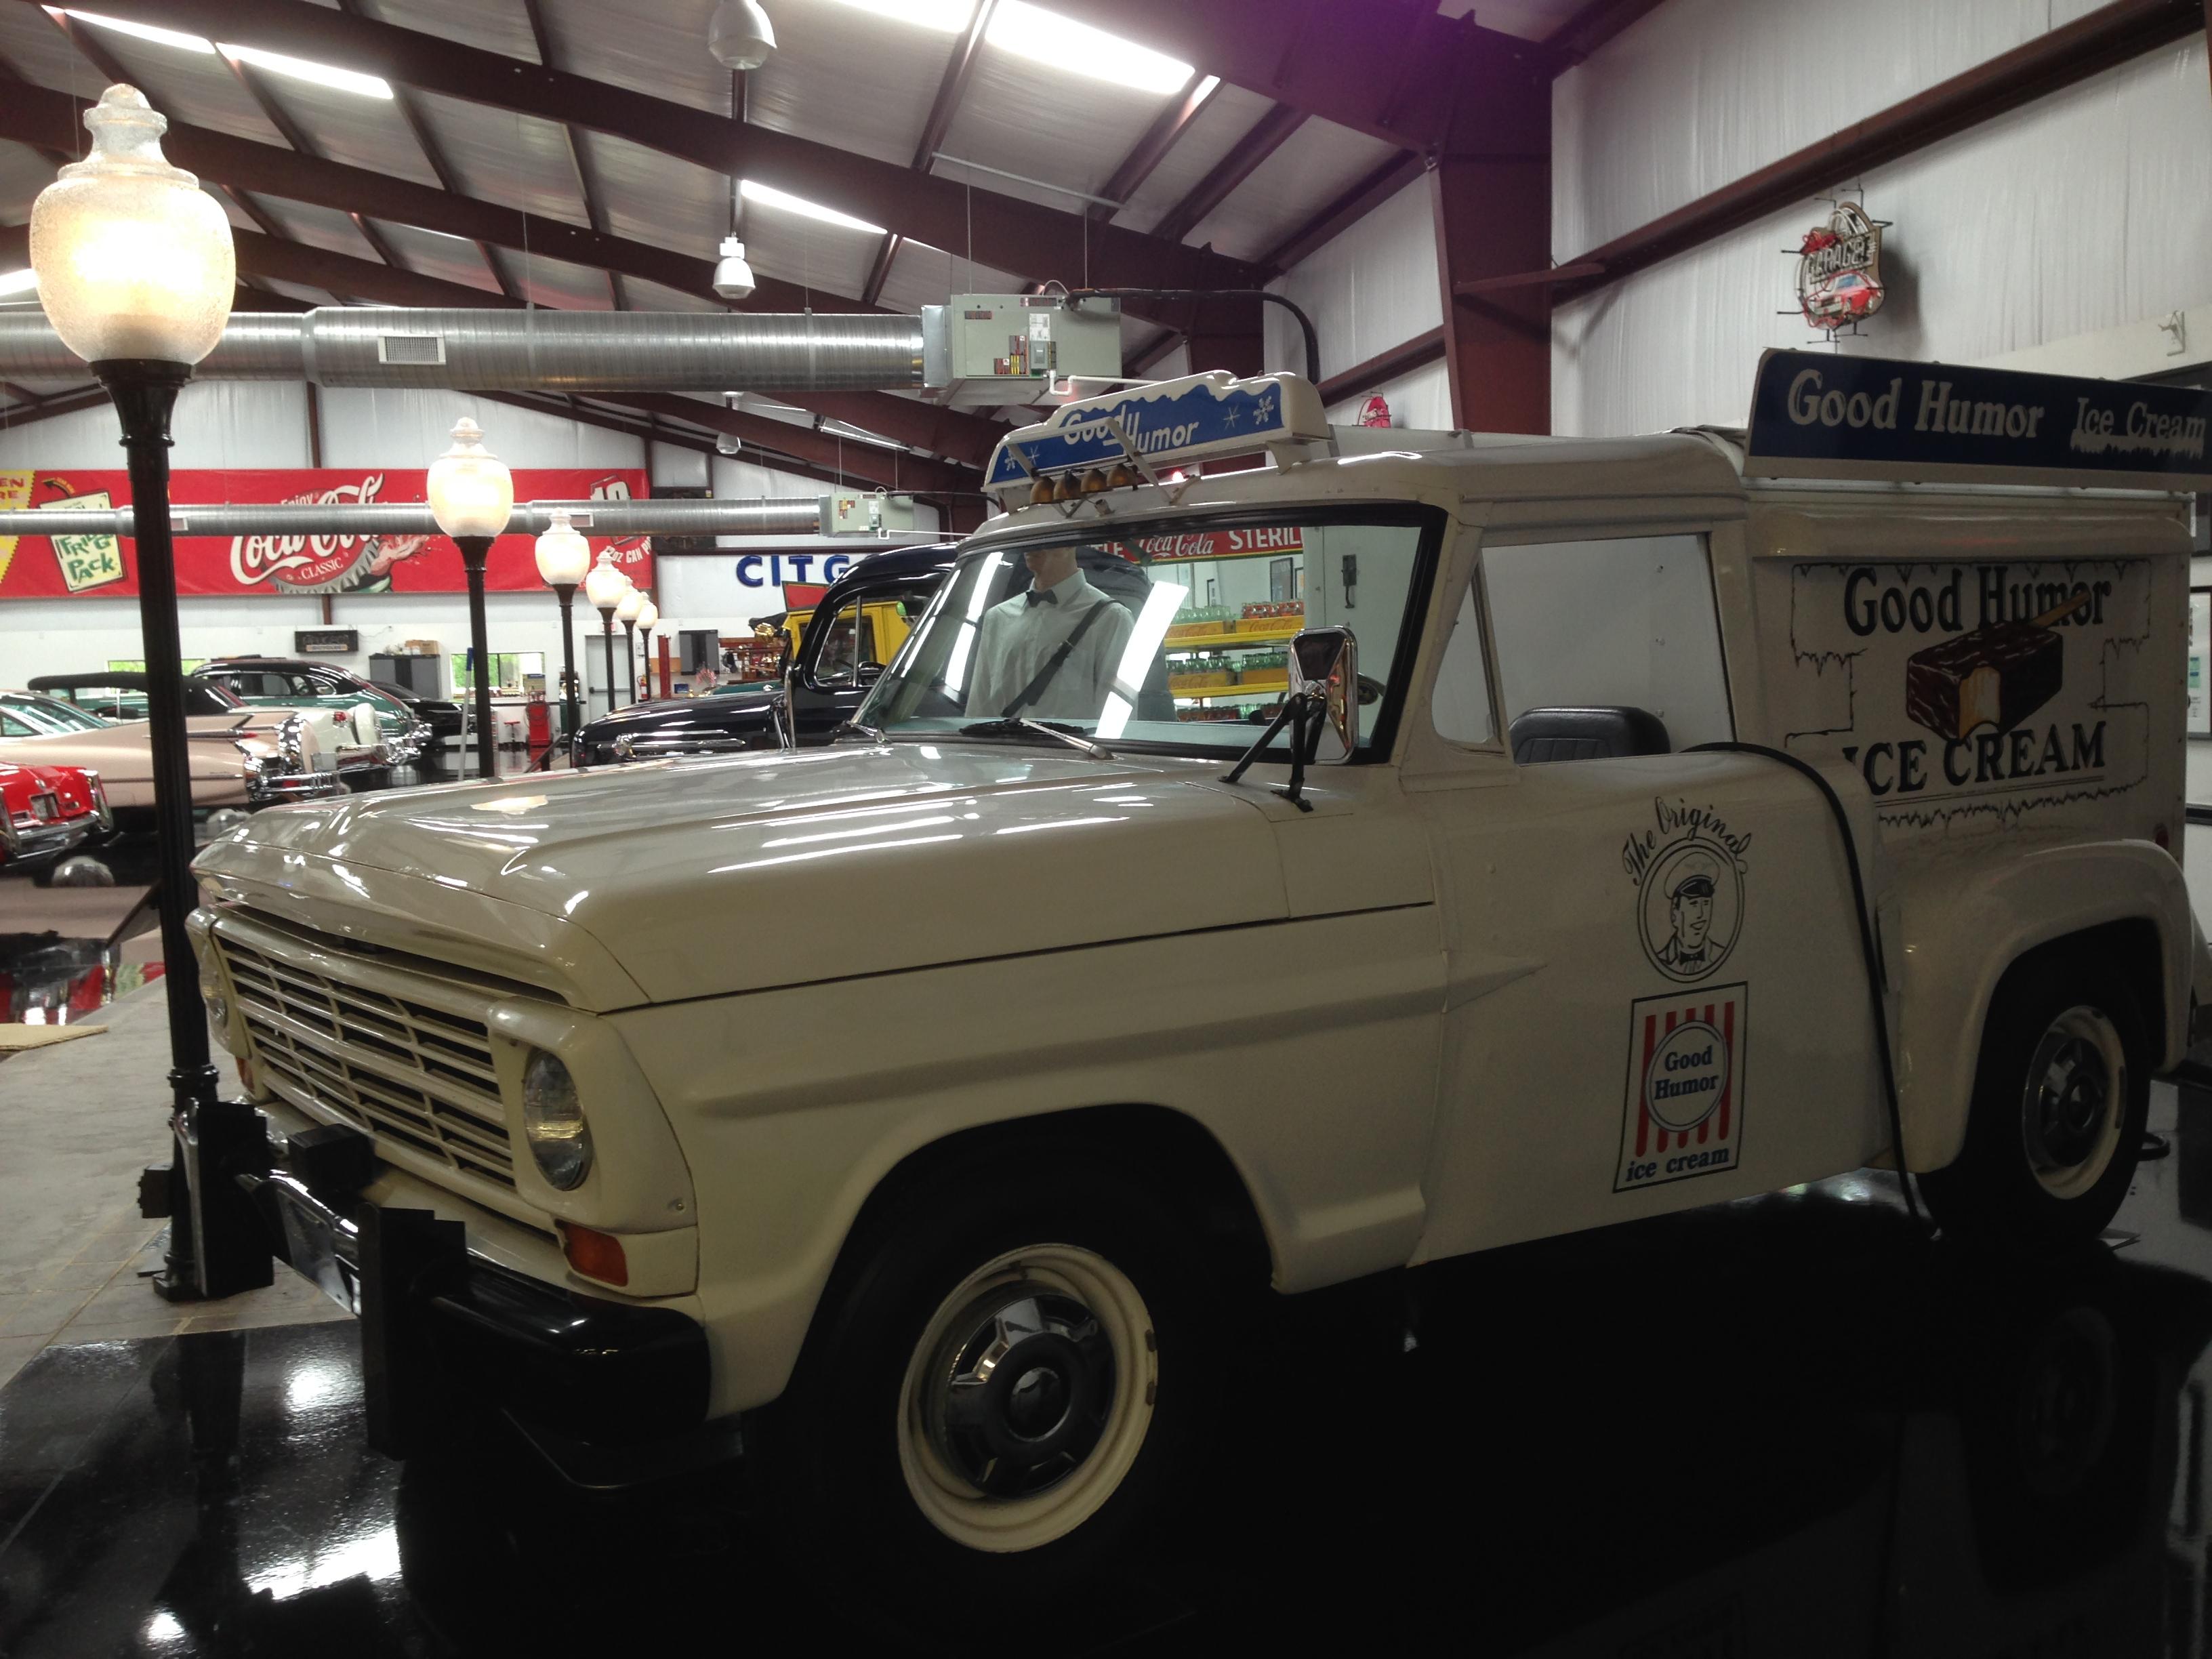 1969 Good Humor Truck